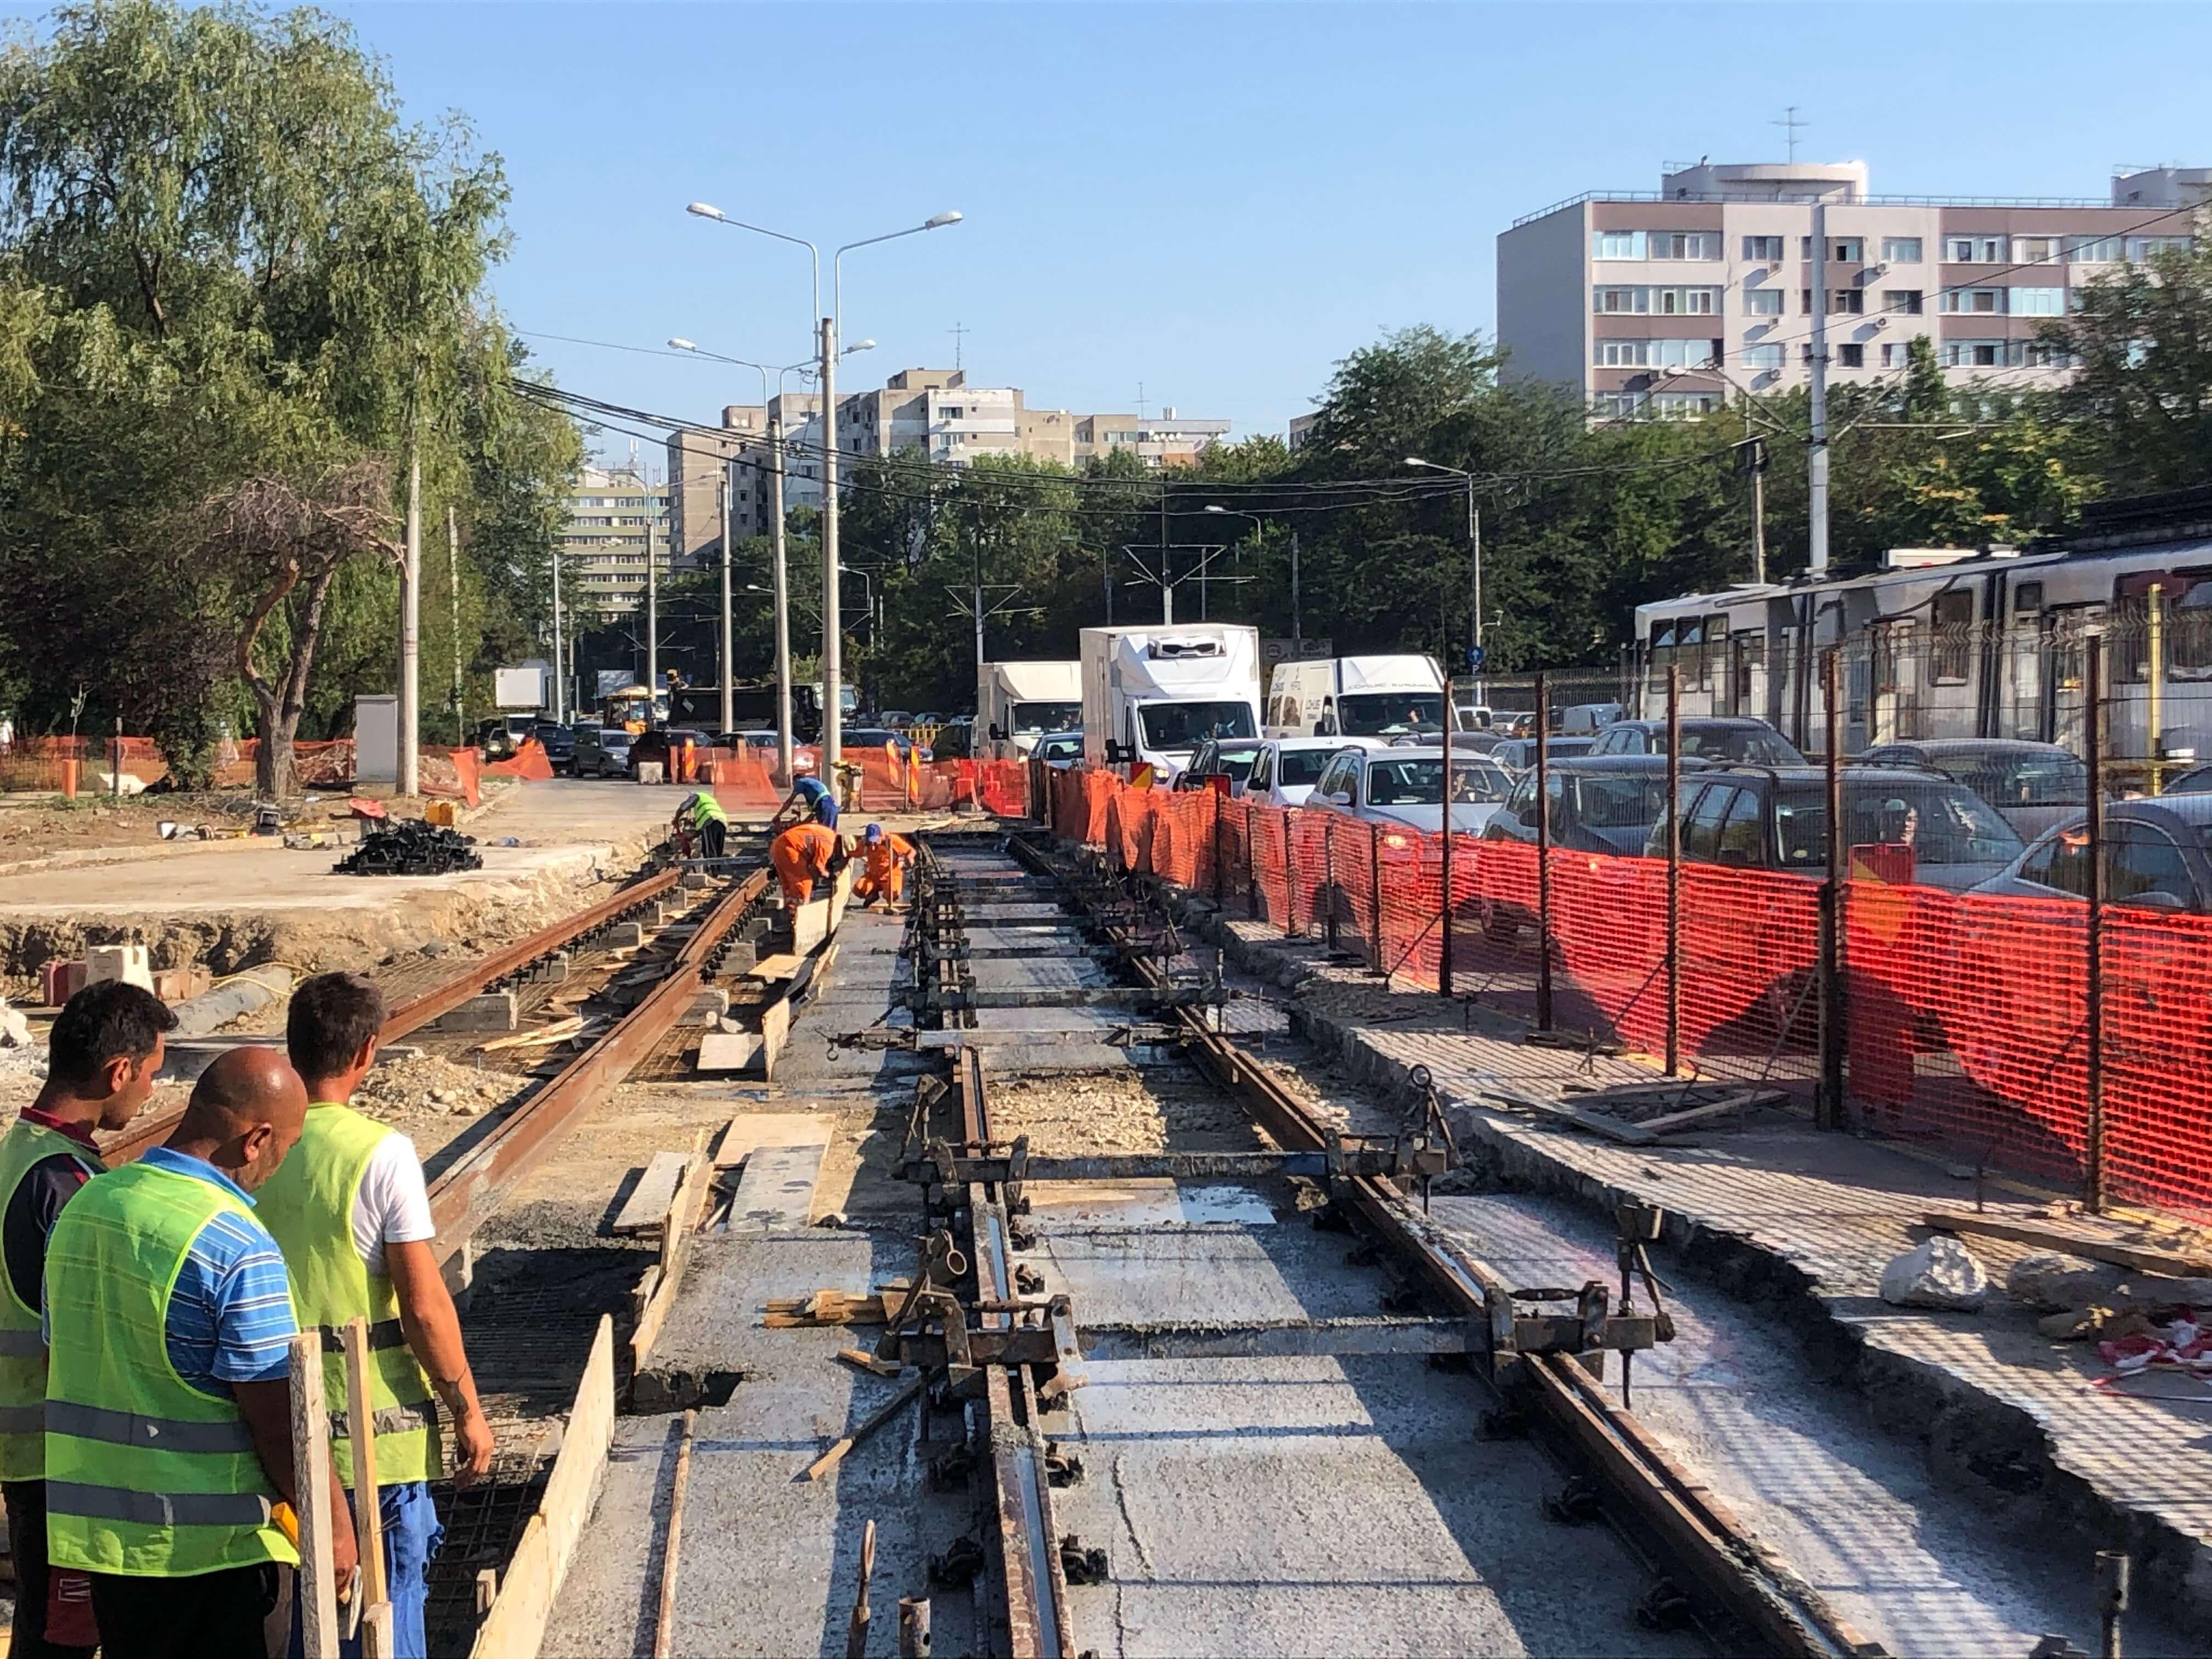 Public transport construction site